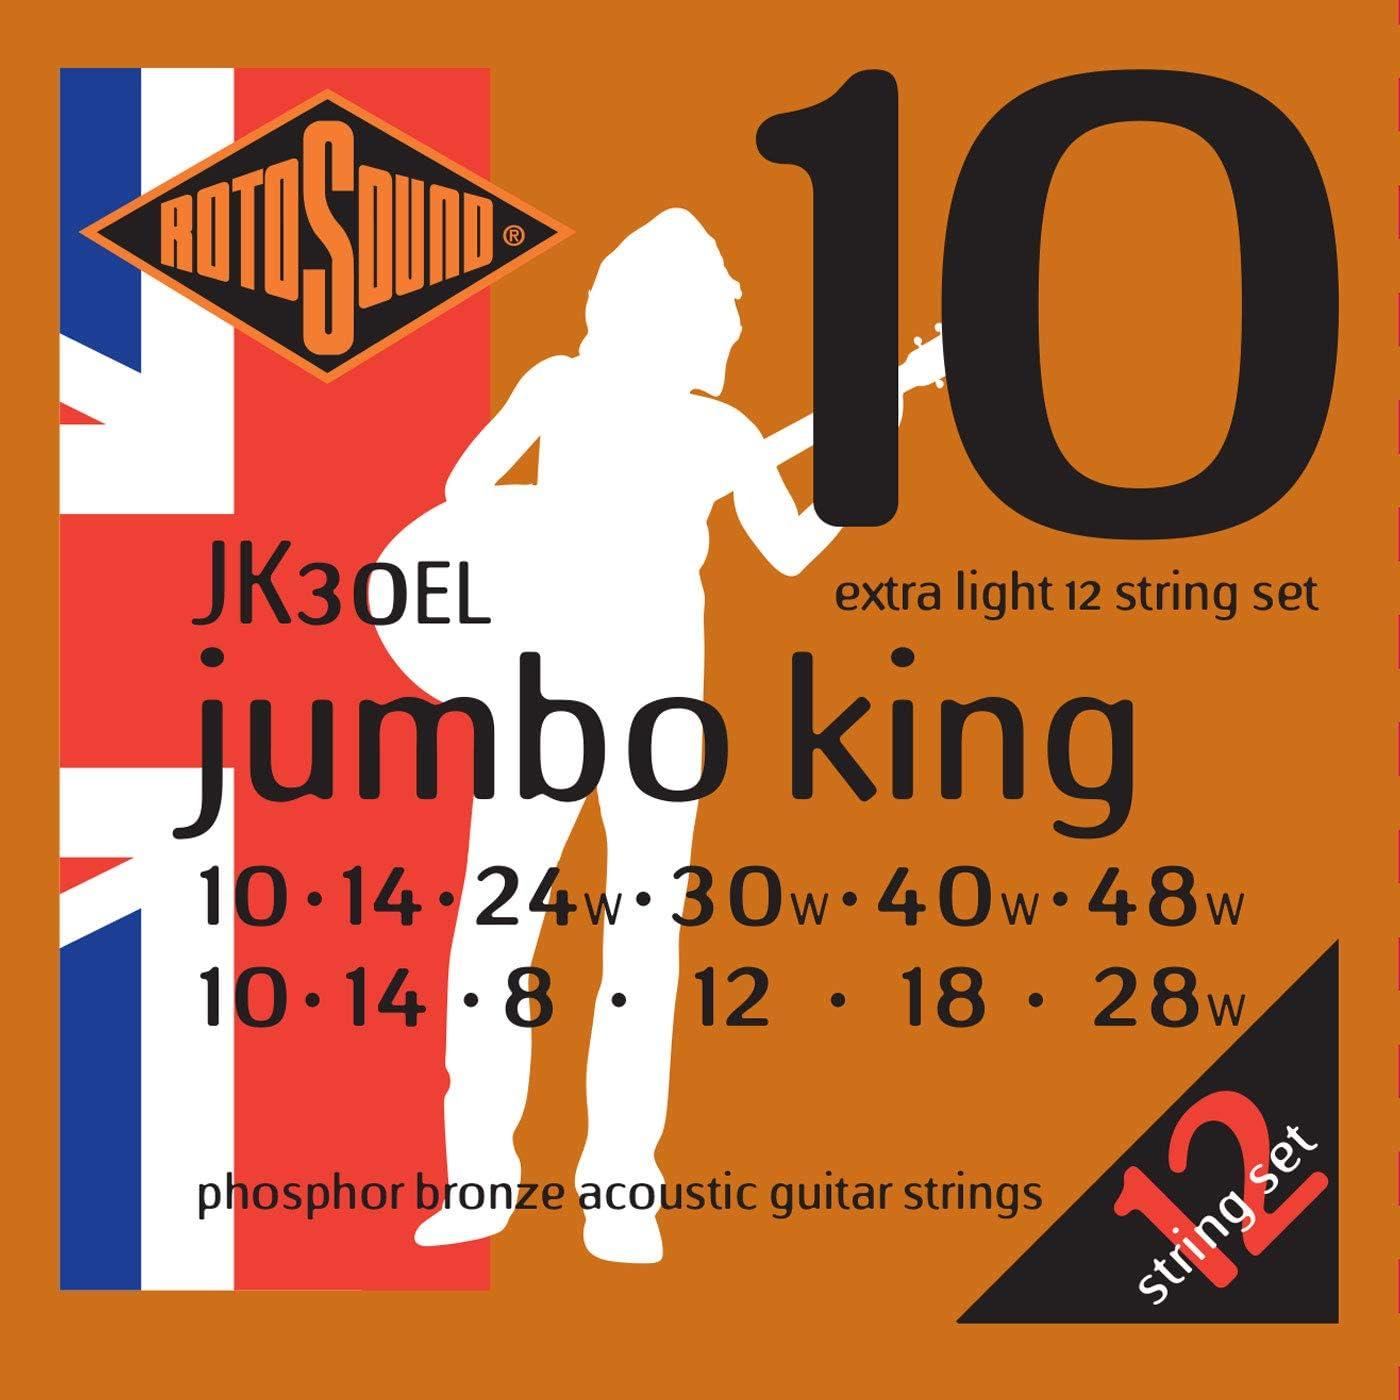 Rotosound JK30EL - Juego de cuerdas para guitarra acústica de fósforo/bronce, 12-12, 20-9